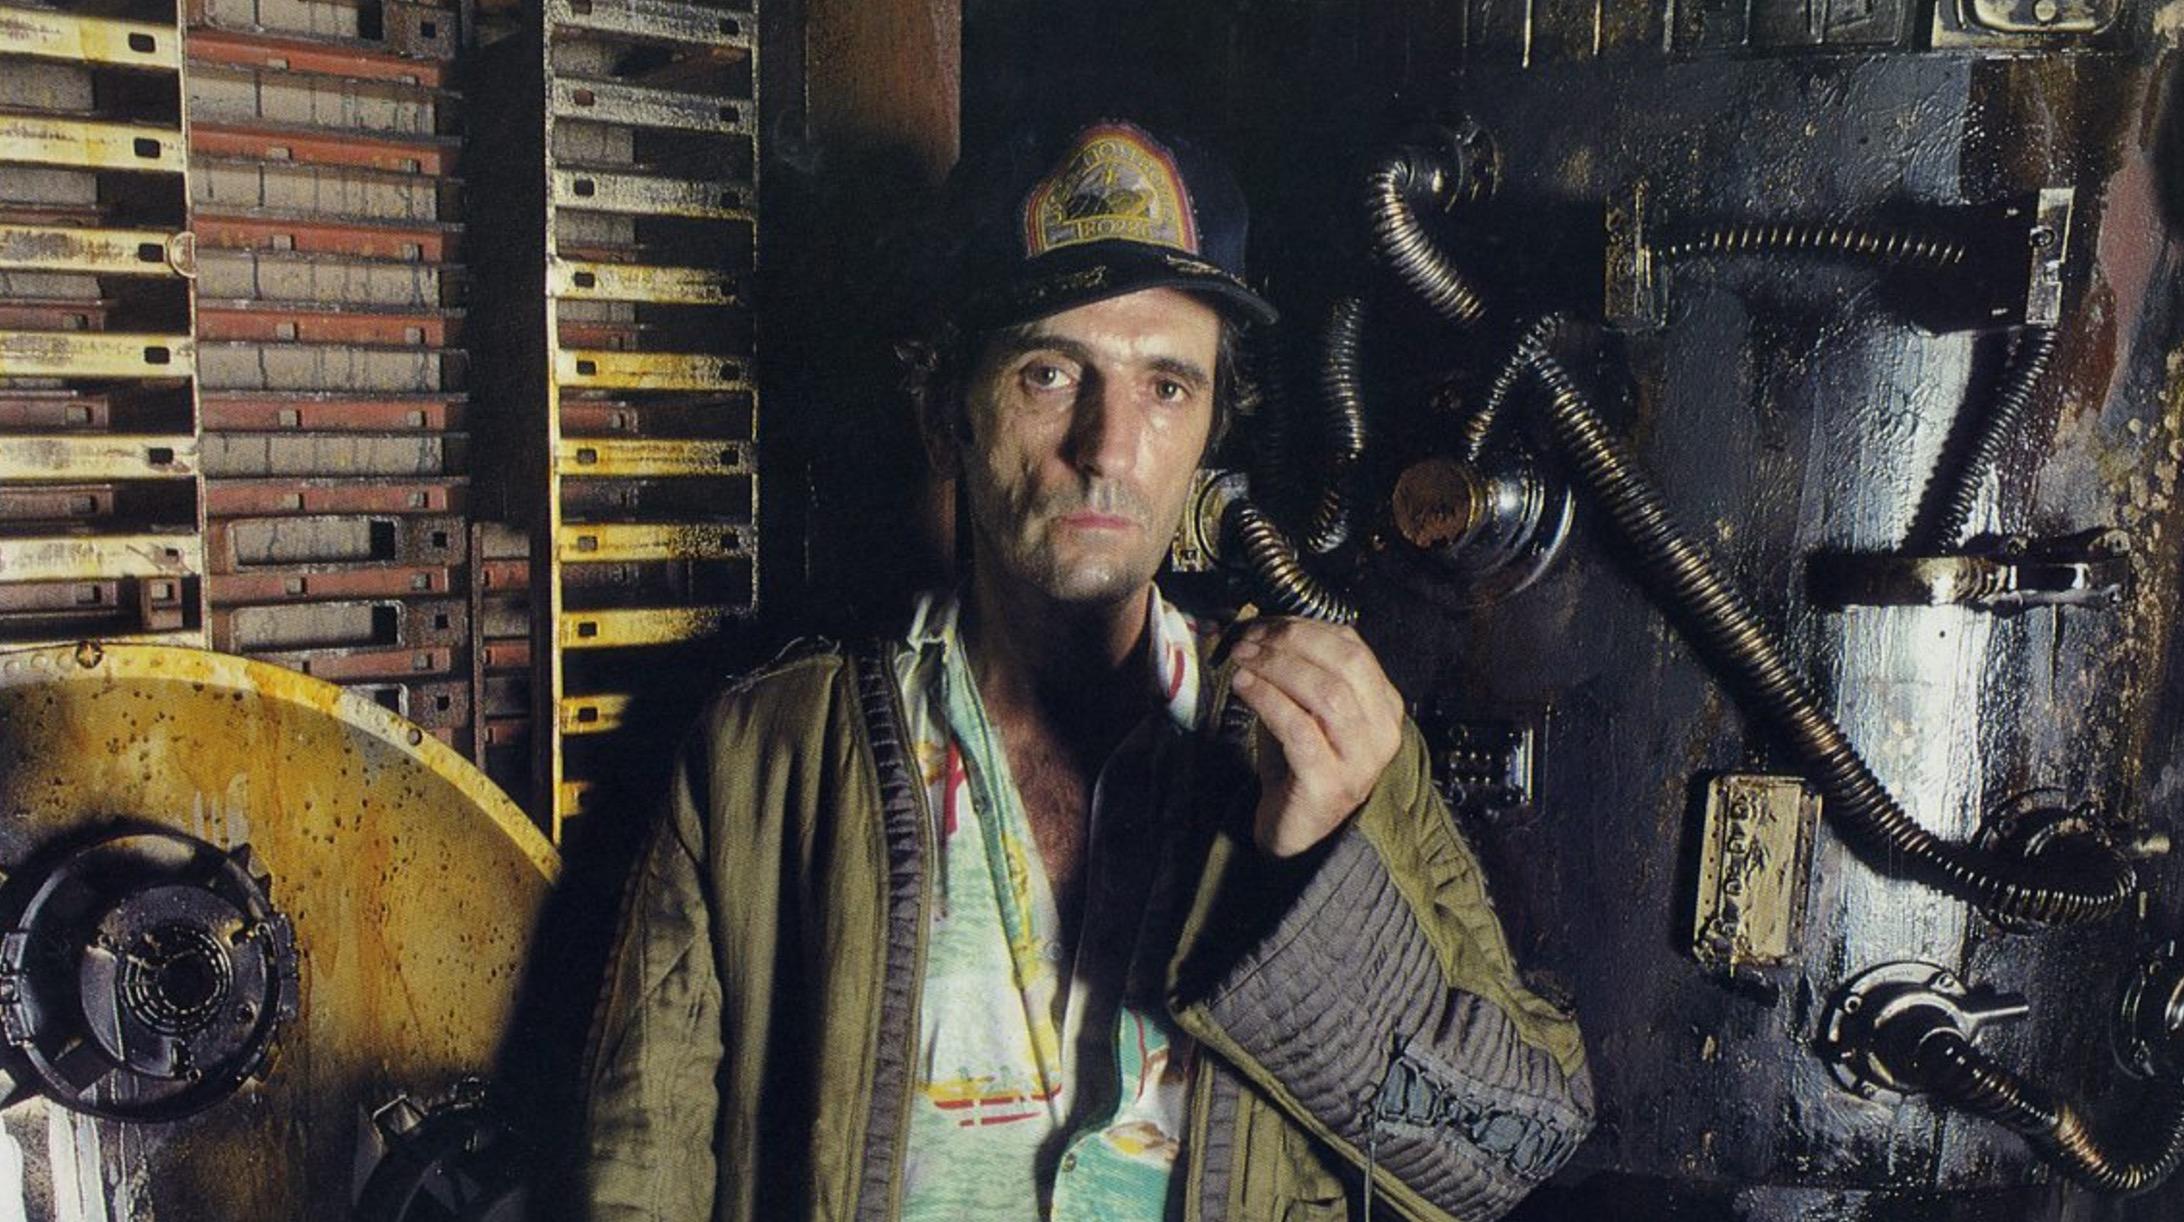 Harry Dean Stanton 1926 – 2017